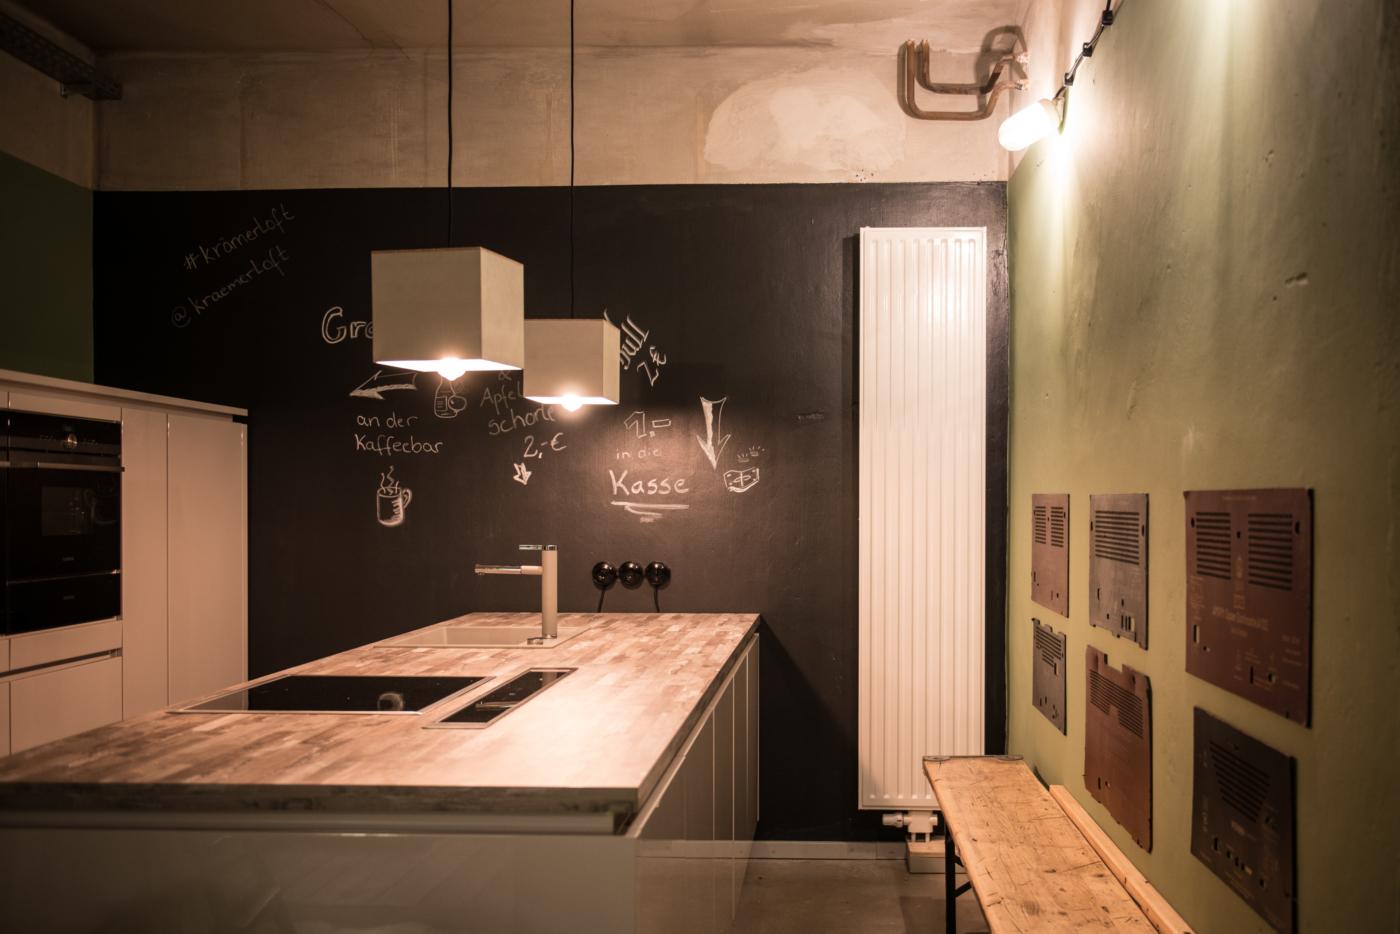 Betonlampe, Beton-Pendelleuchte ARTHUR aus der Heine & Becker Manufaktur